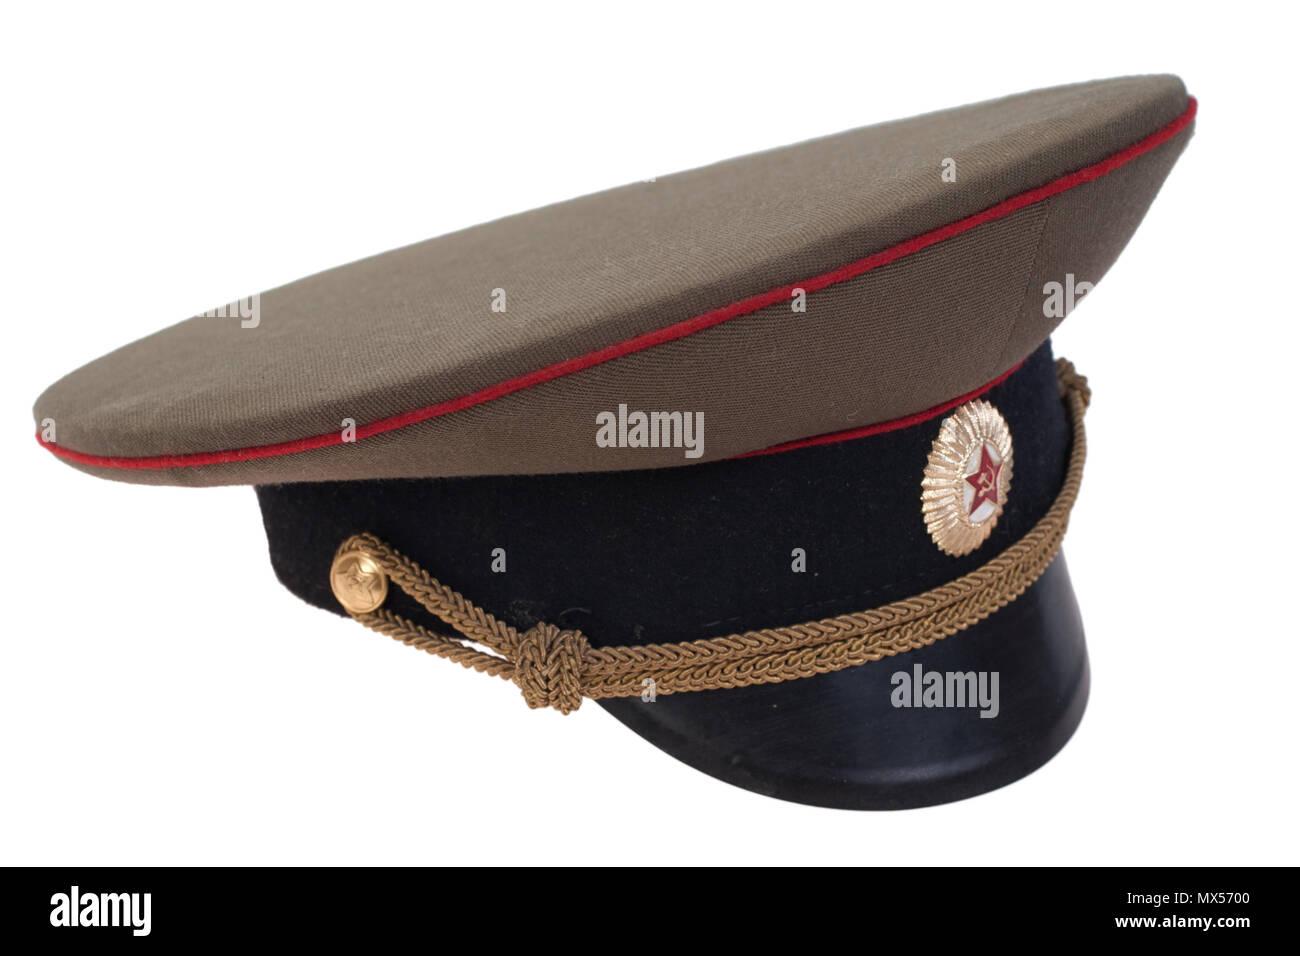 14b95cb77 Military Cap Stock Photos & Military Cap Stock Images - Alamy